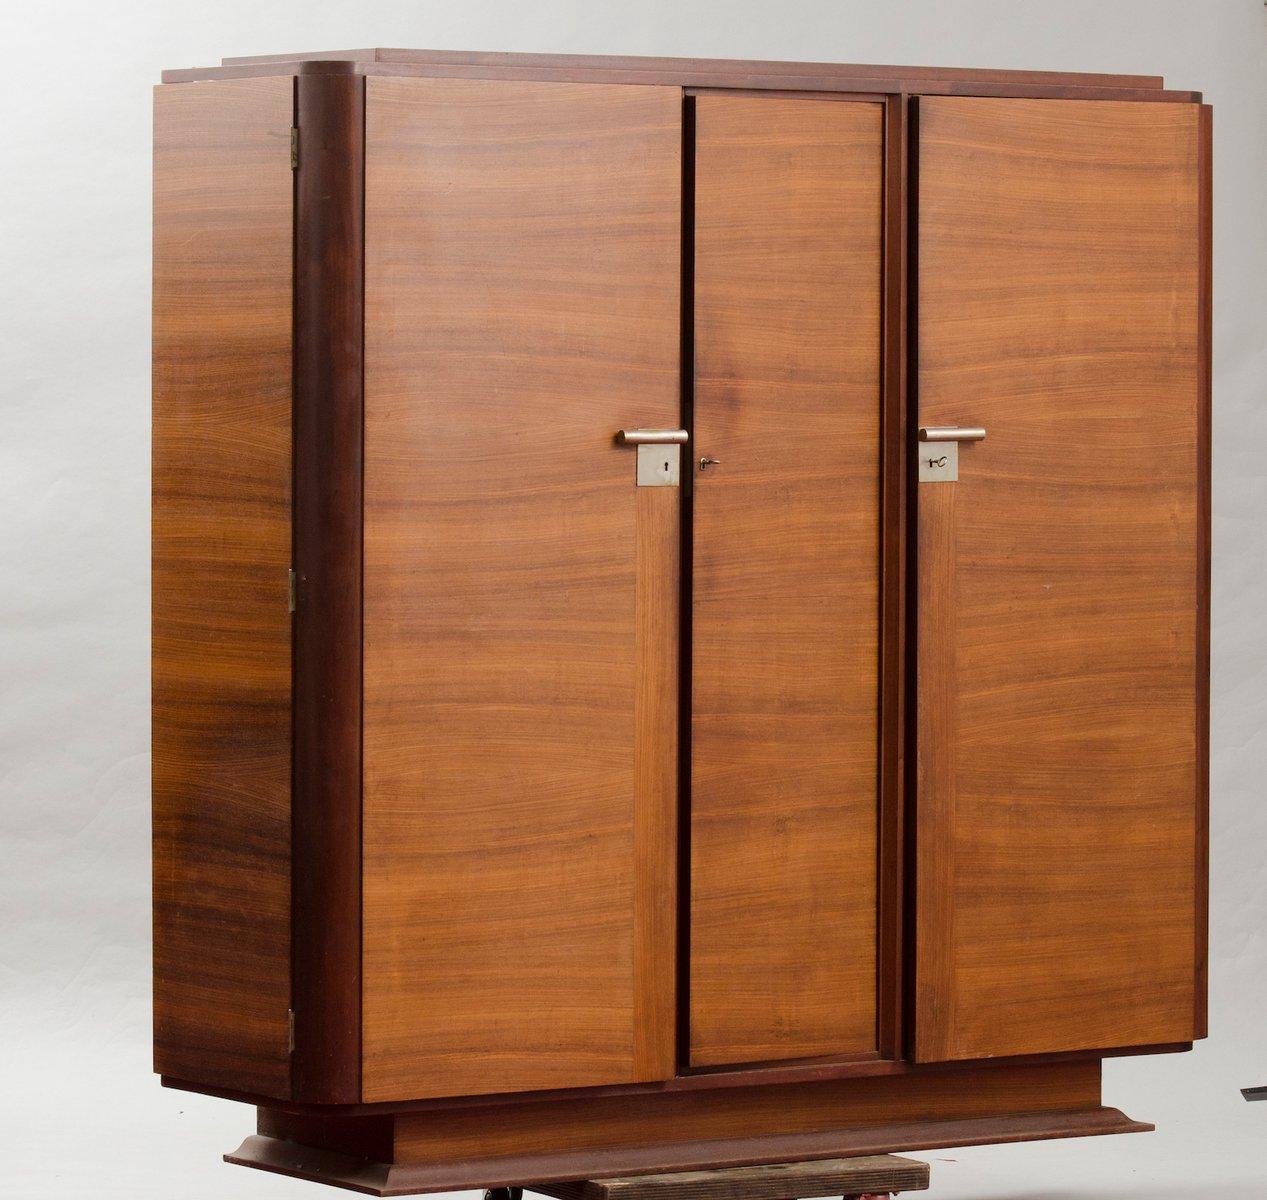 meuble de rangement art d co vintage en contreplaqu de palissandre en vente sur pamono. Black Bedroom Furniture Sets. Home Design Ideas